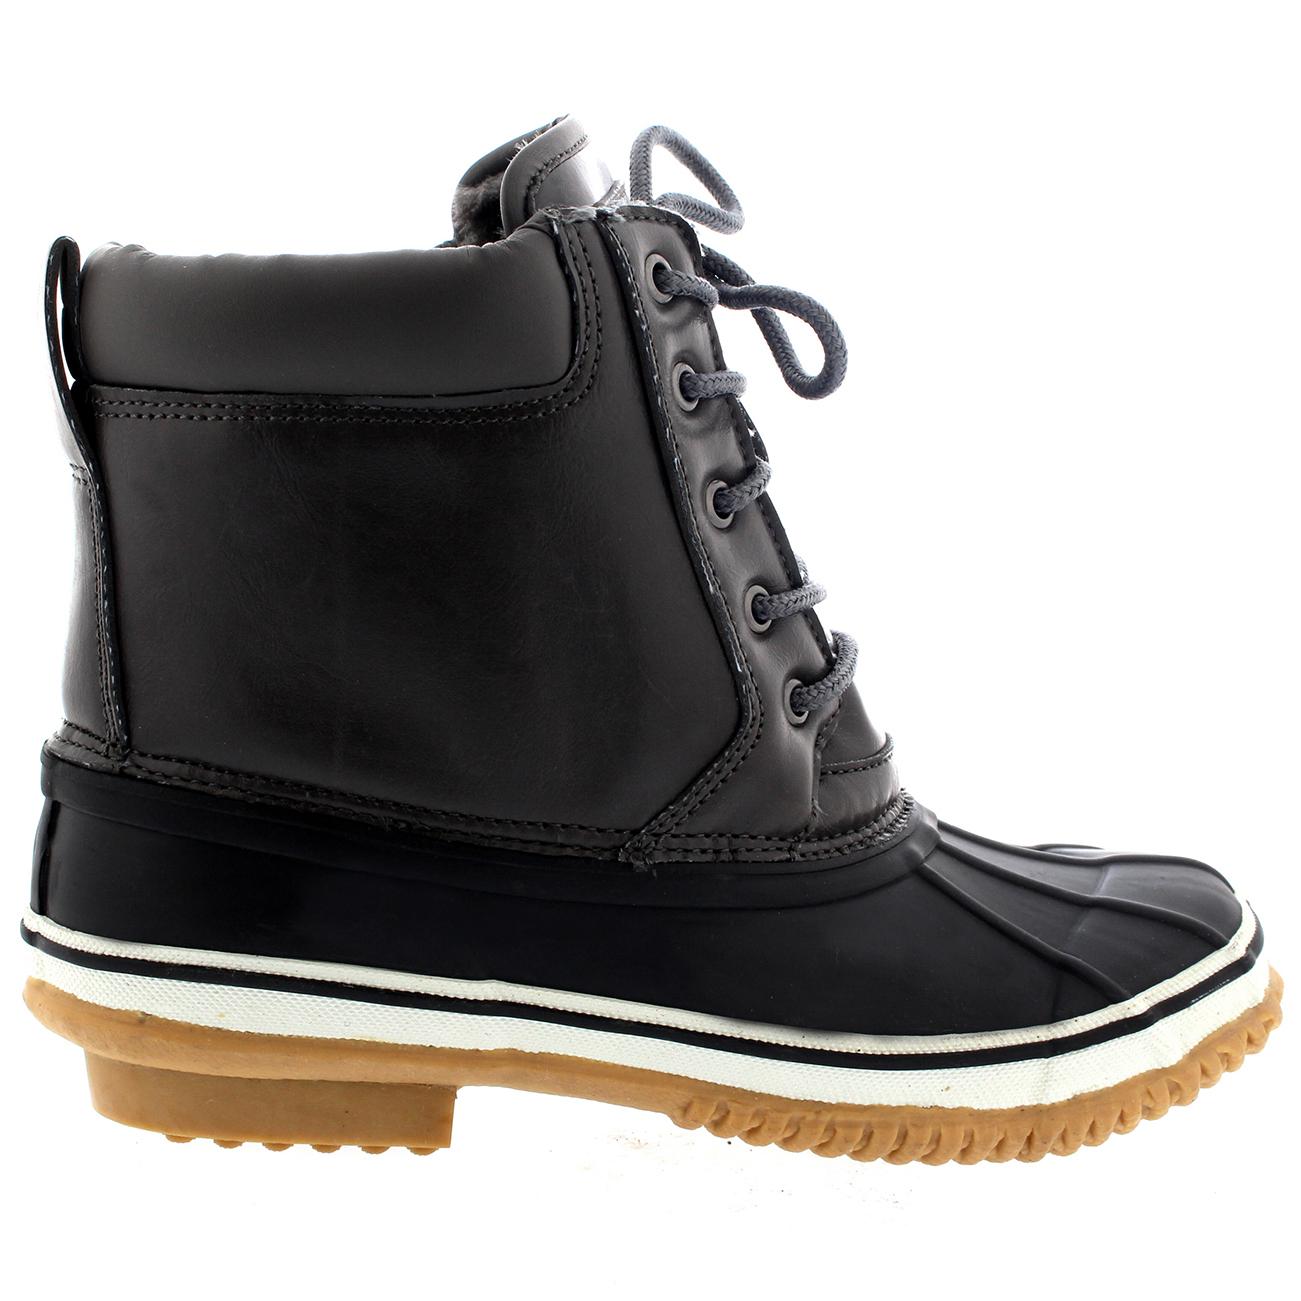 Ladies Rain Muck Yard Waterproof Snow Warm Durable Bean Ankle ...